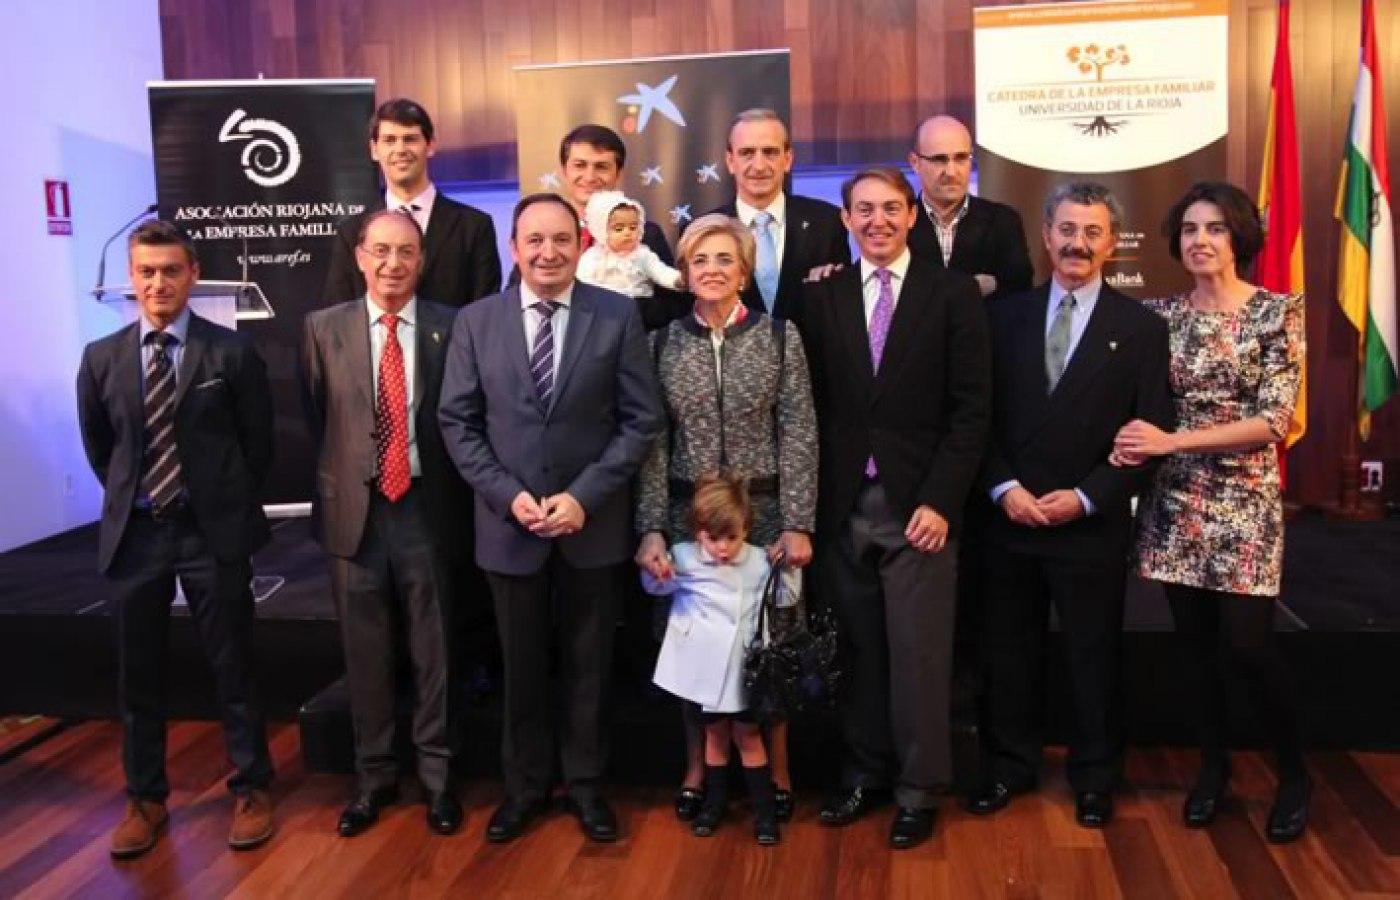 BODEGAS VIVANCO PREMIO EMPRESA FAMILIAR 2013